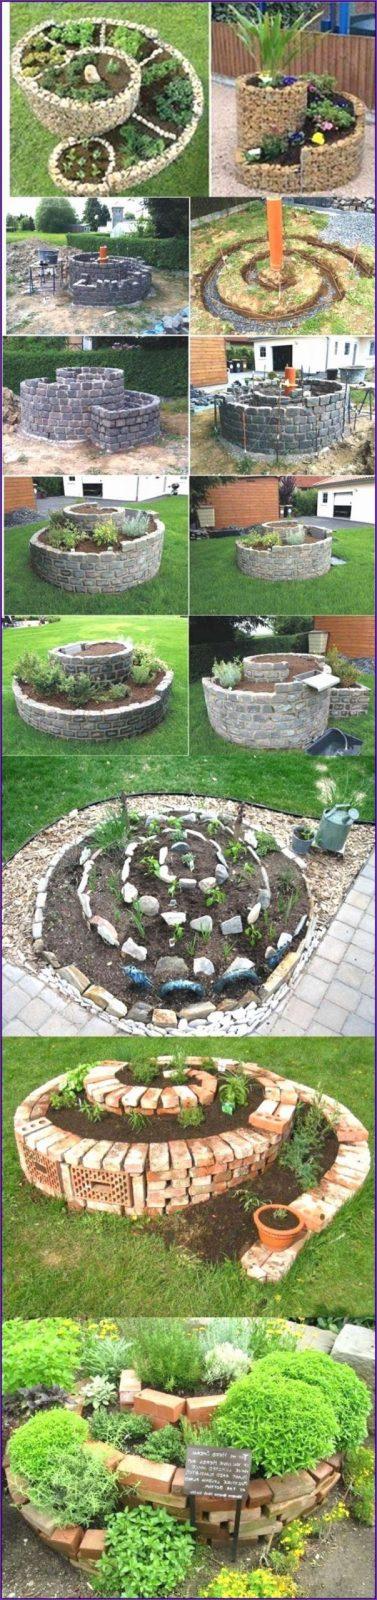 Gartendekoration Selber Machen Neu Deko Garten Selber Machen Neu von Dekoration Garten Selber Machen Bild